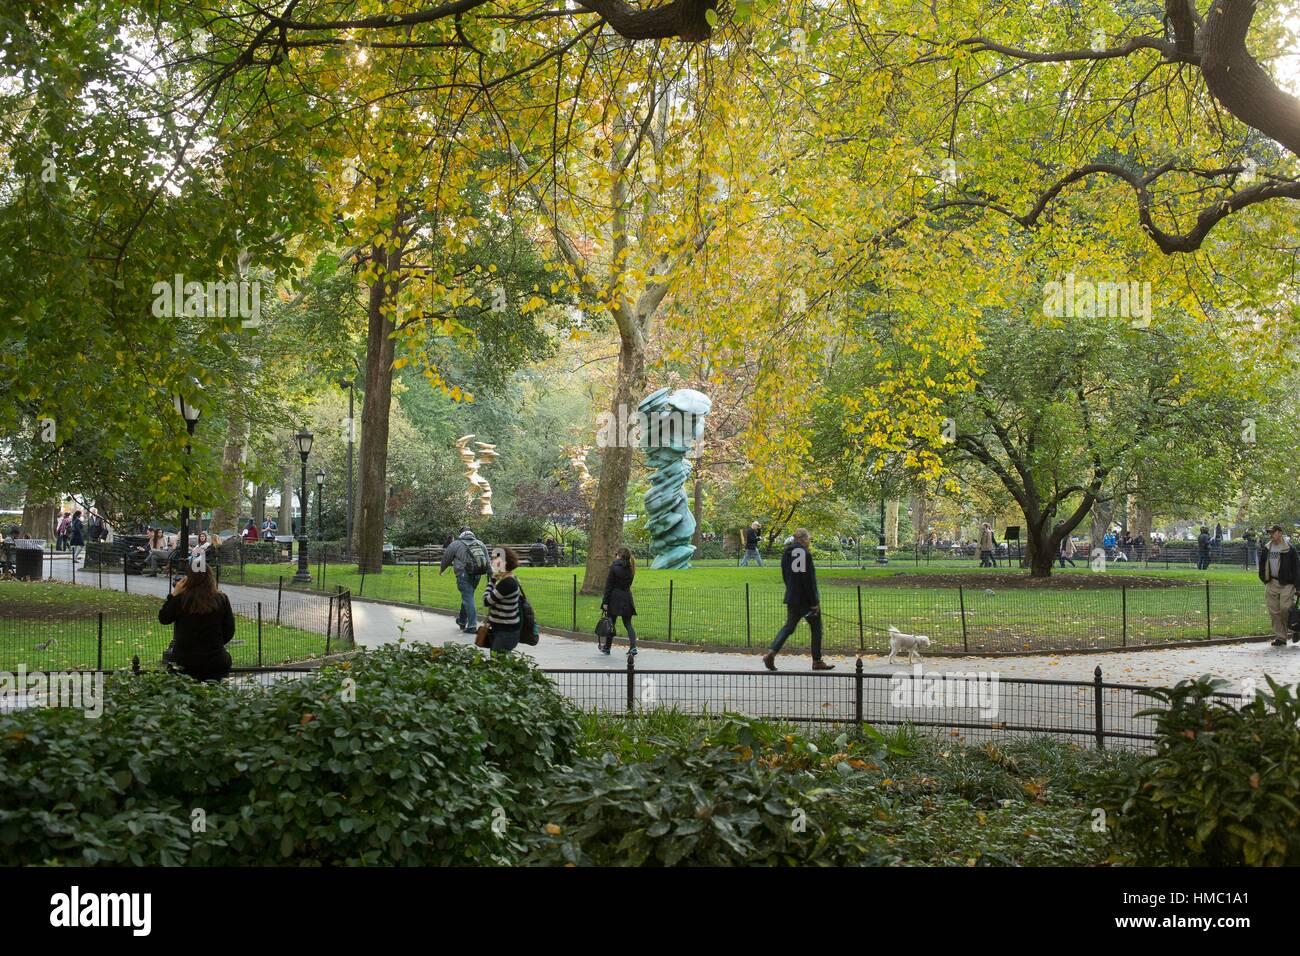 Madison Square Park, Fifth Avenue, New York, NY, USA Stock Photo